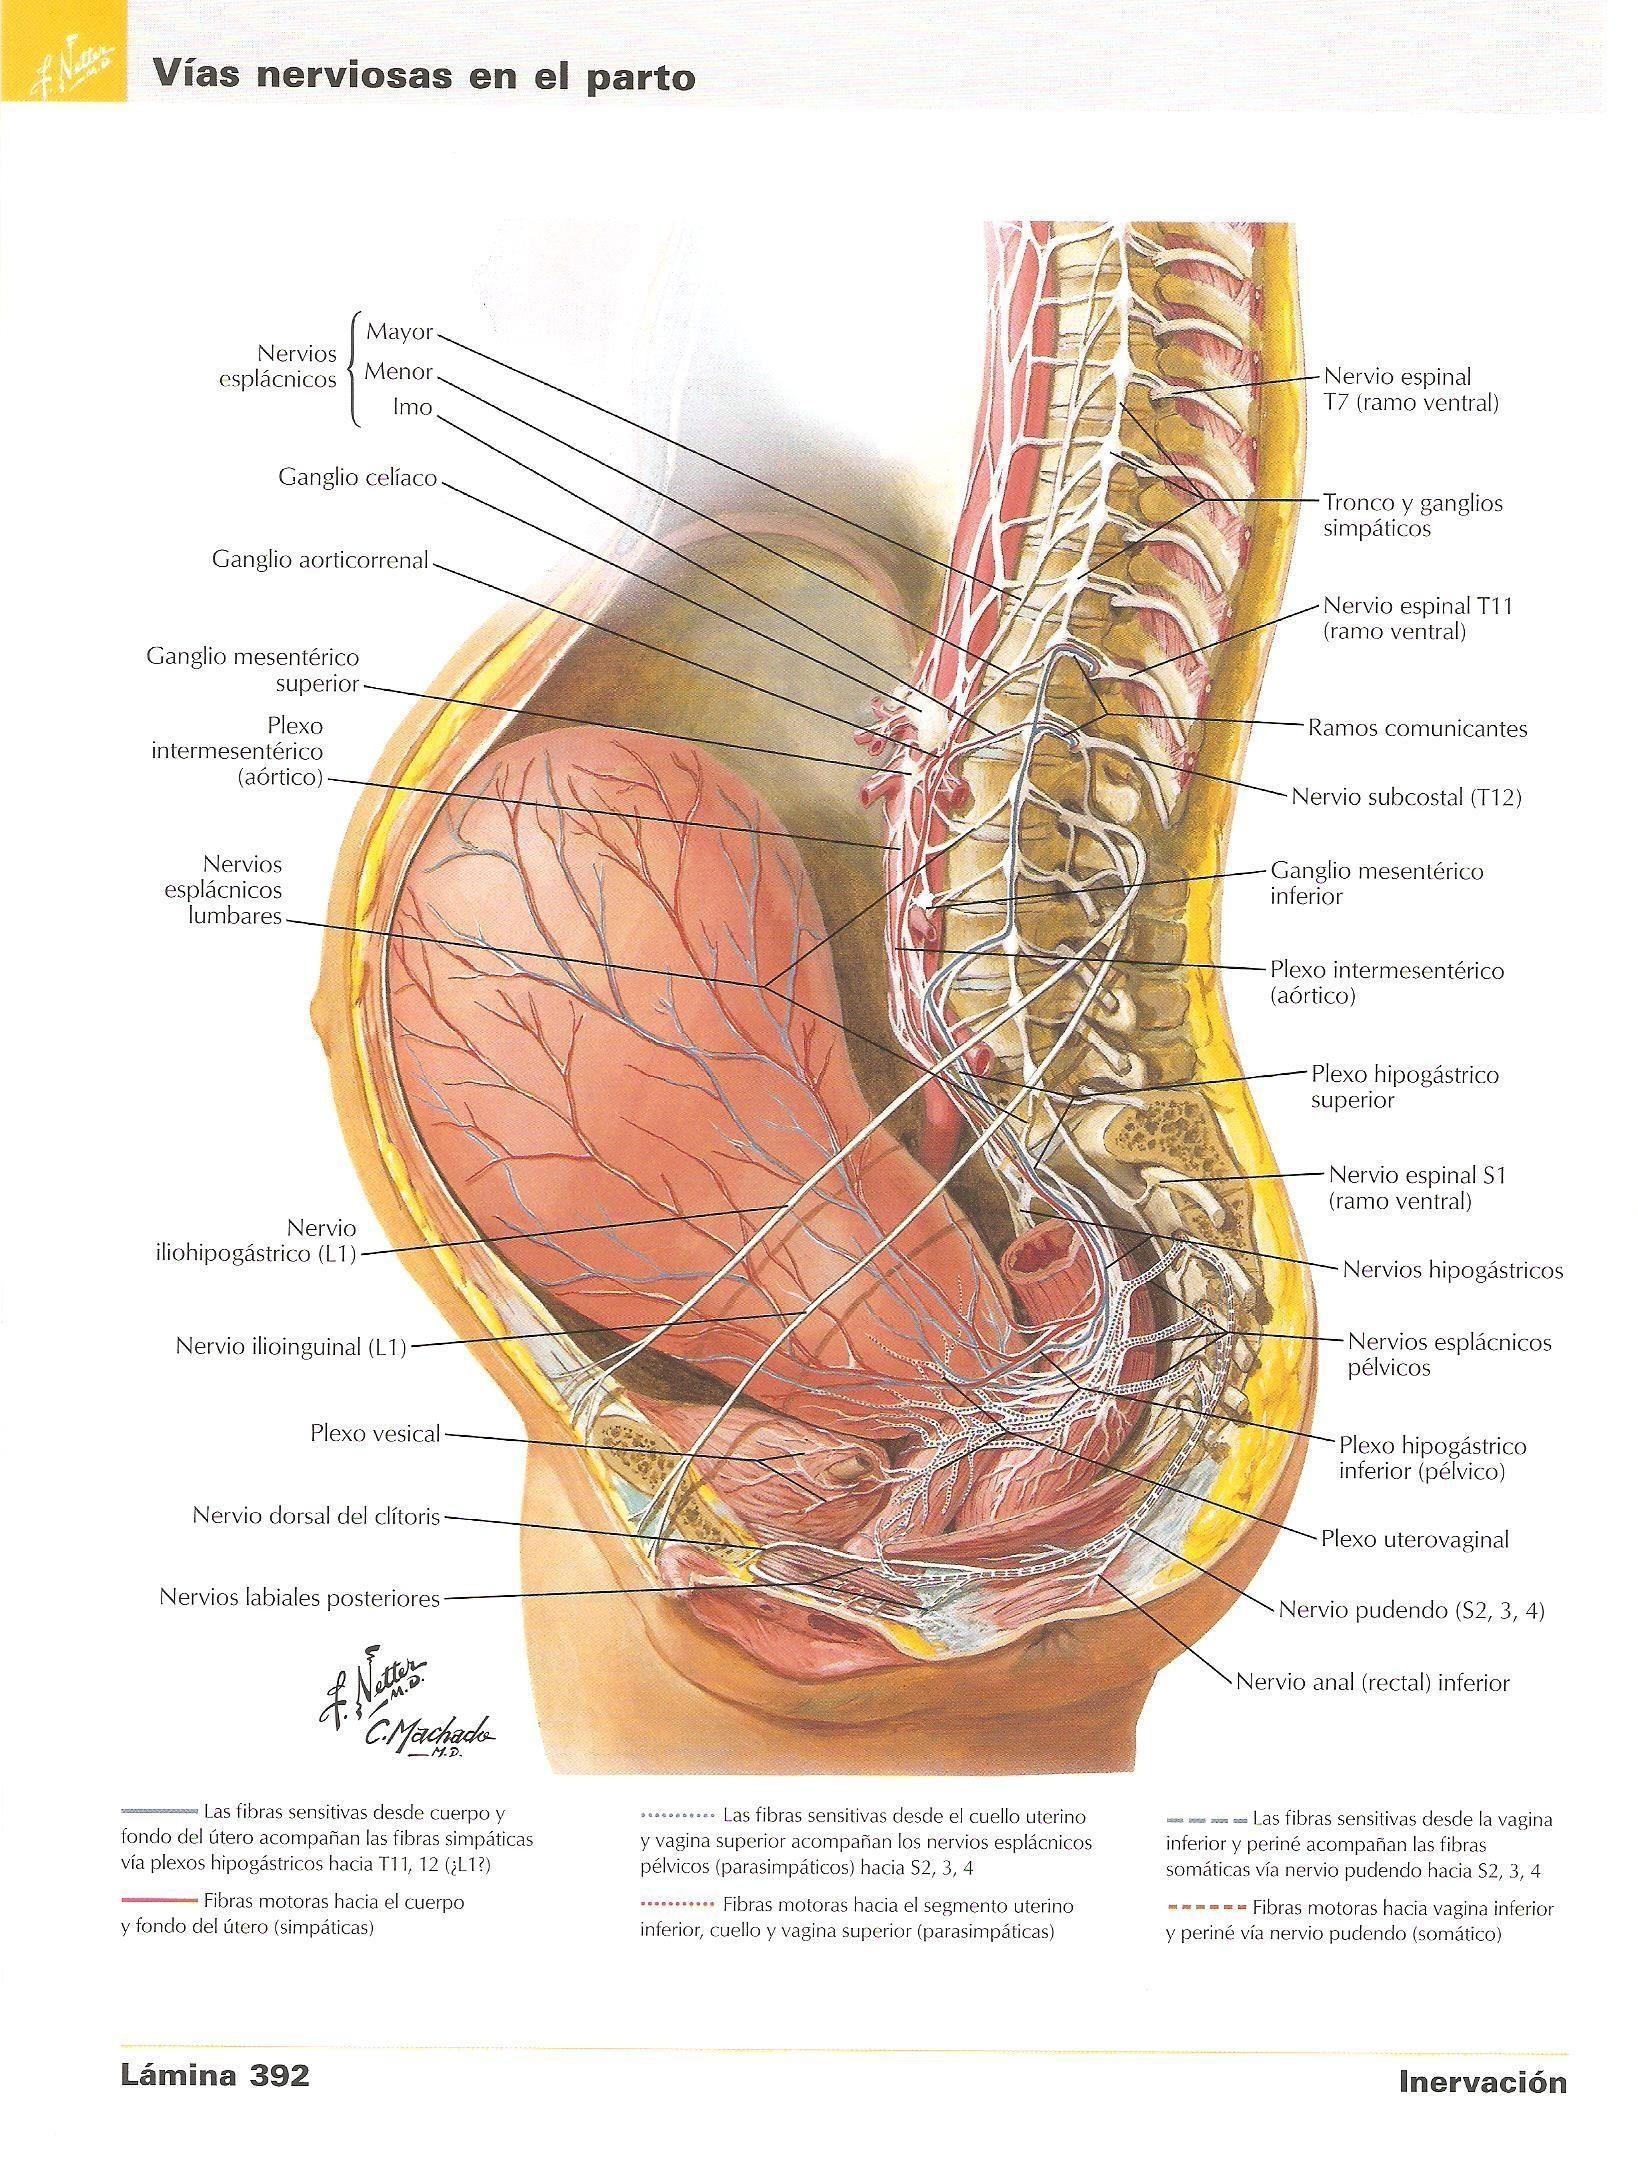 Único Segmento Inferior Anatomía Uterina Colección de Imágenes ...